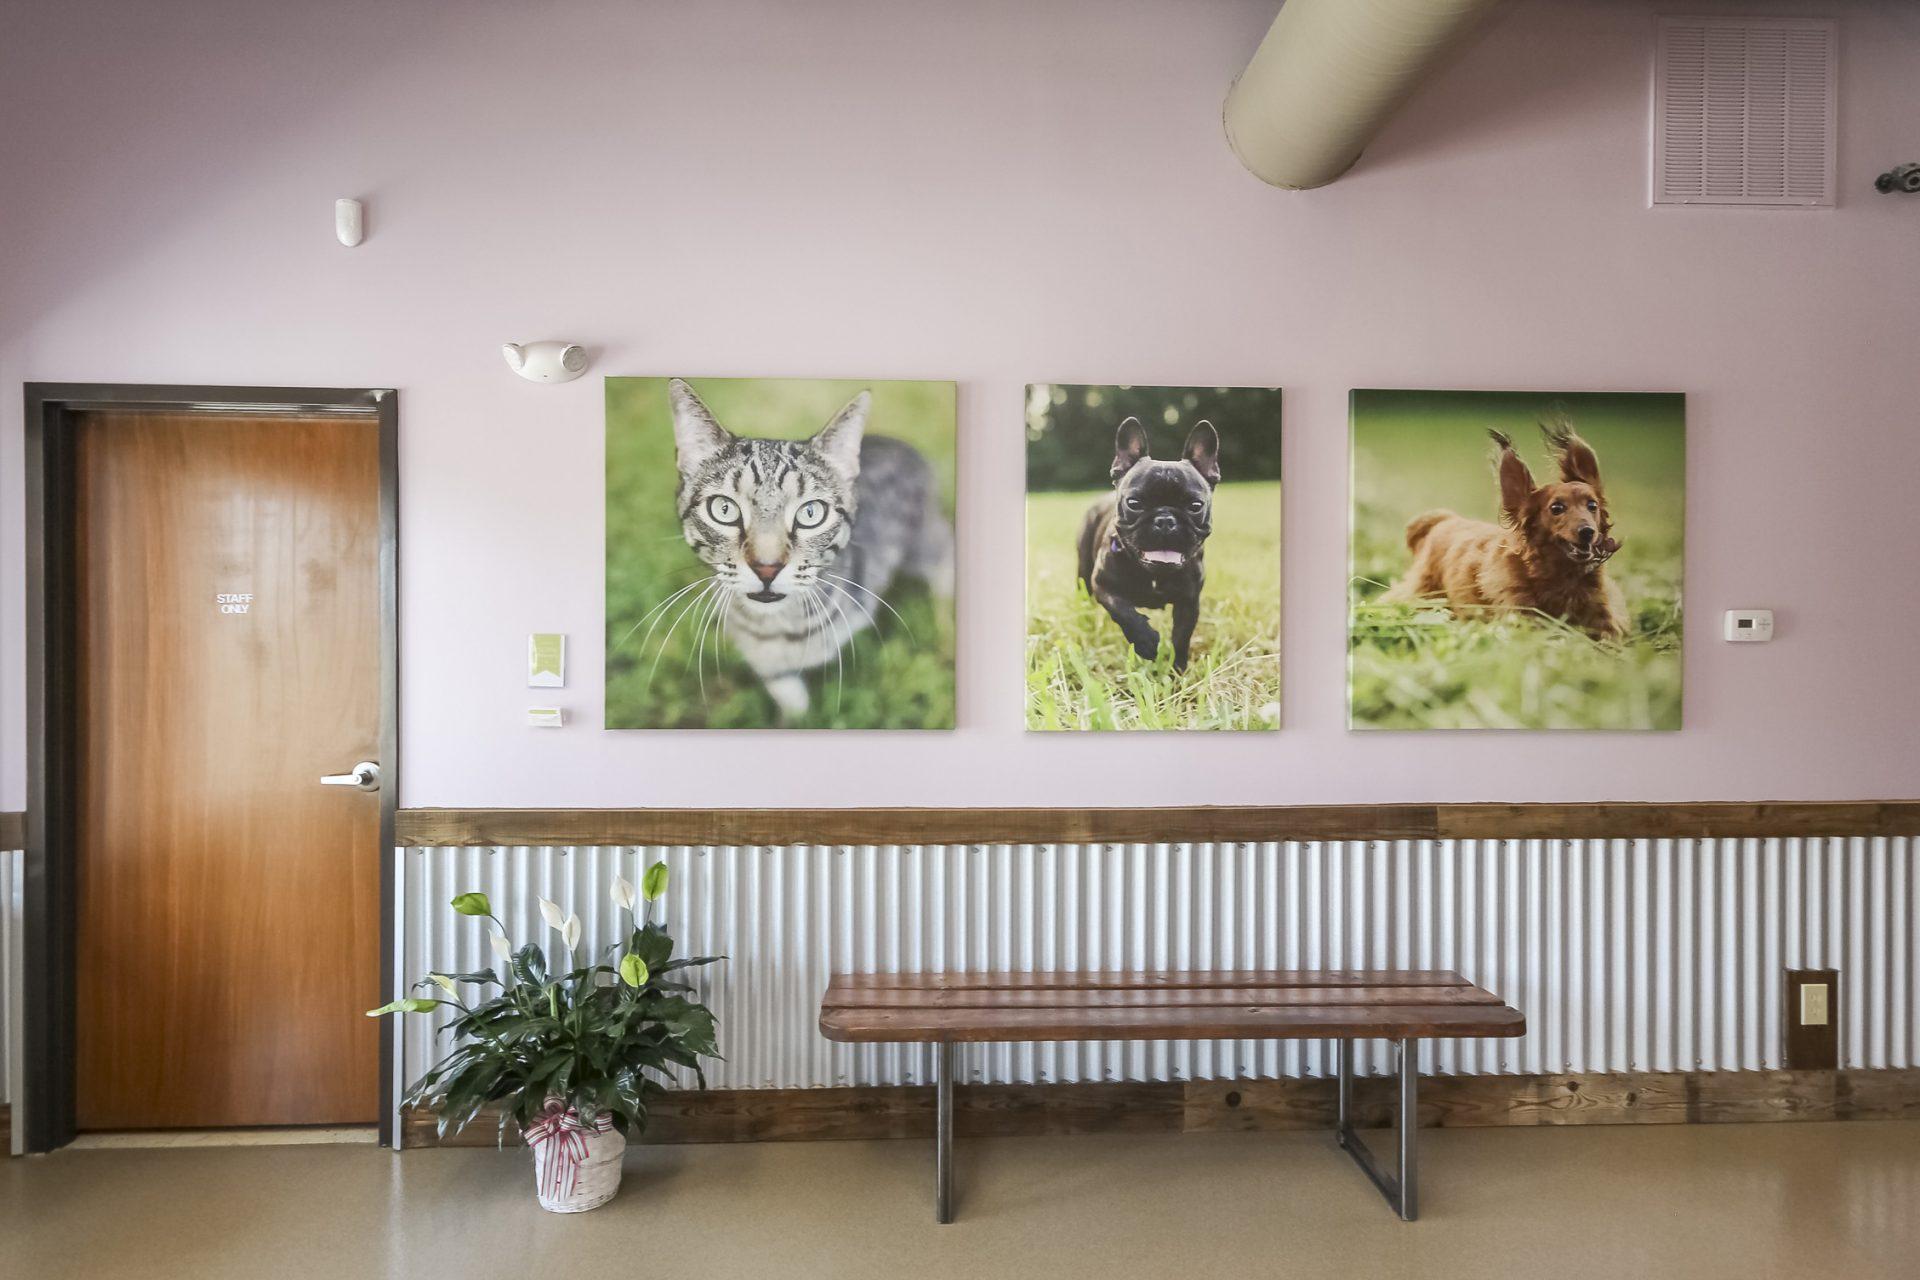 Brawley Animal Hospital 1